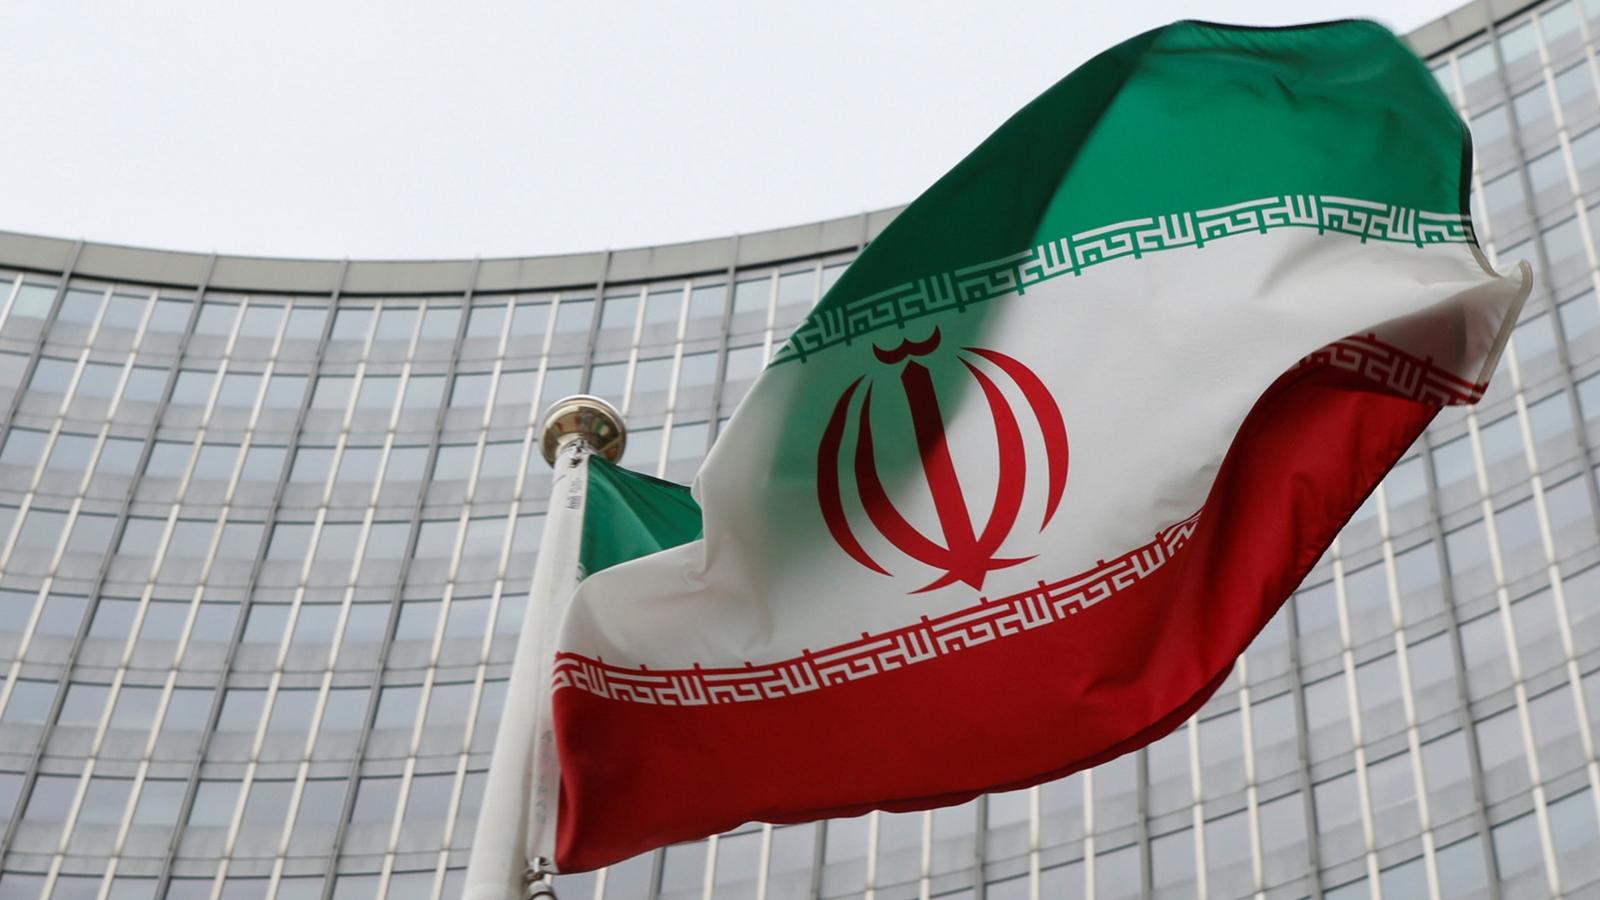 Francia insta a Irán a revertir decisión nuclear; China critica presión de EU